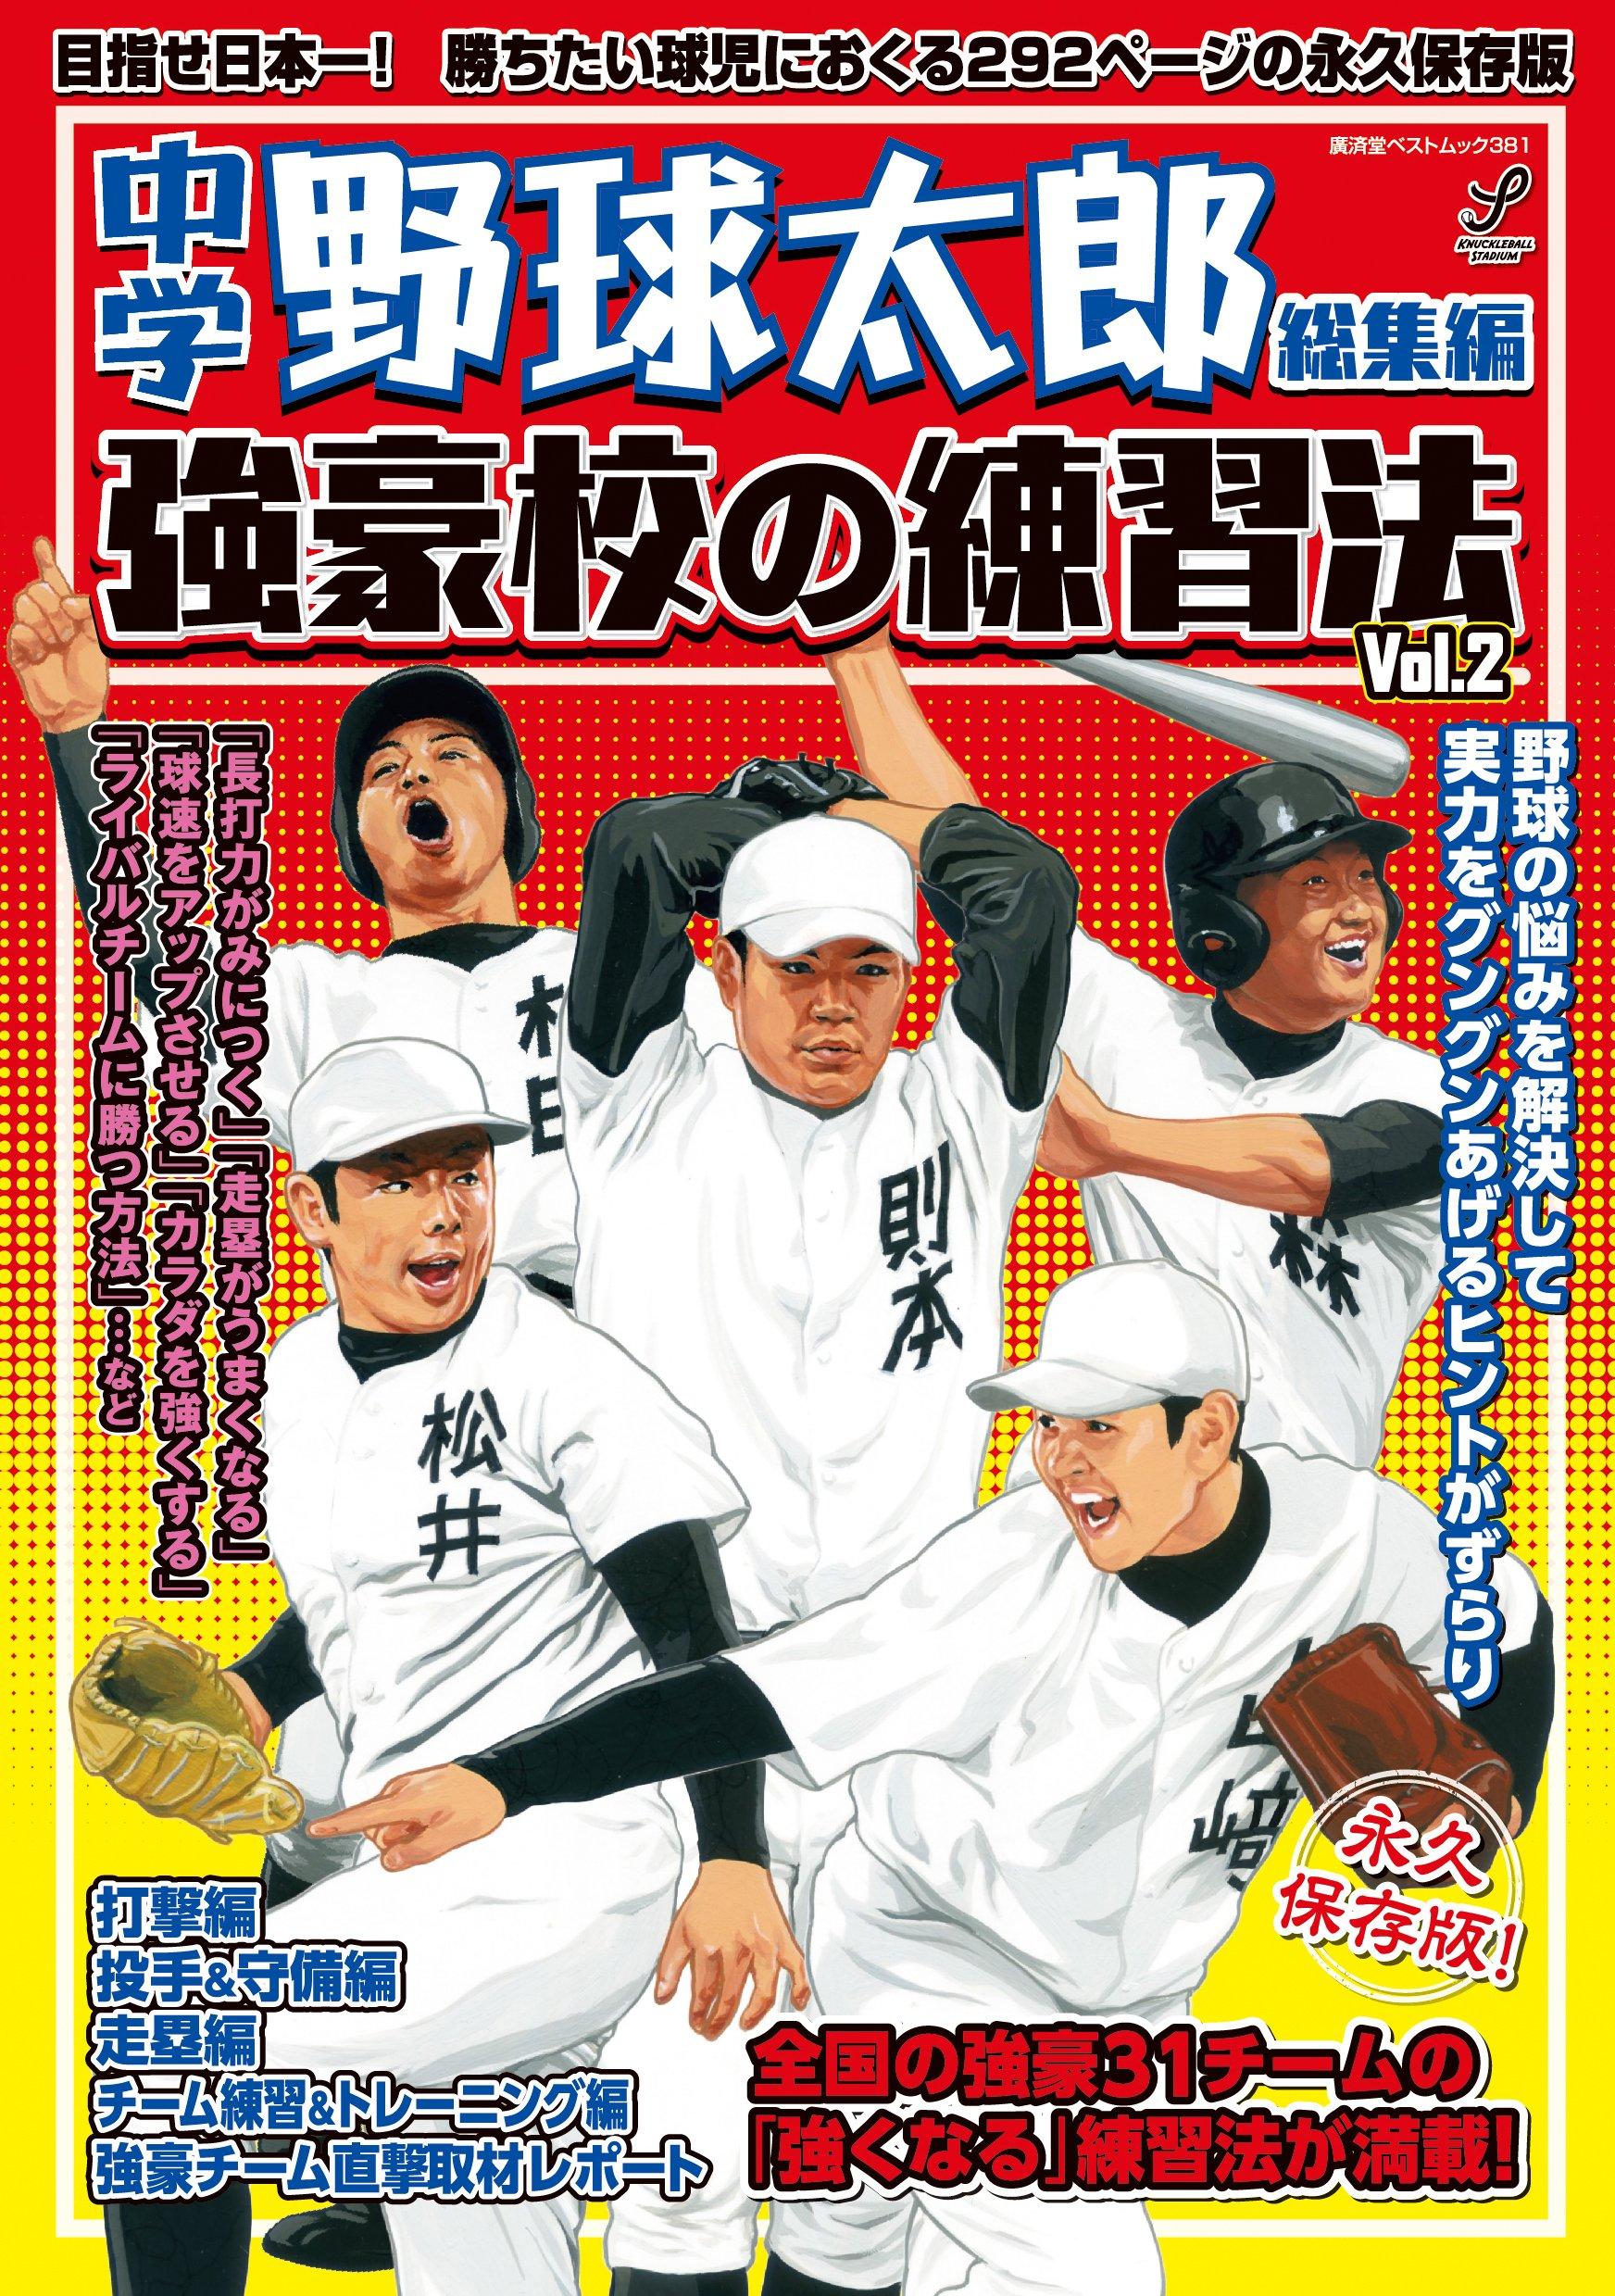 『中学野球太郎 総集編 強豪校の練習法Vol.2』2月8日発売です!/お詫びと訂正につきまして